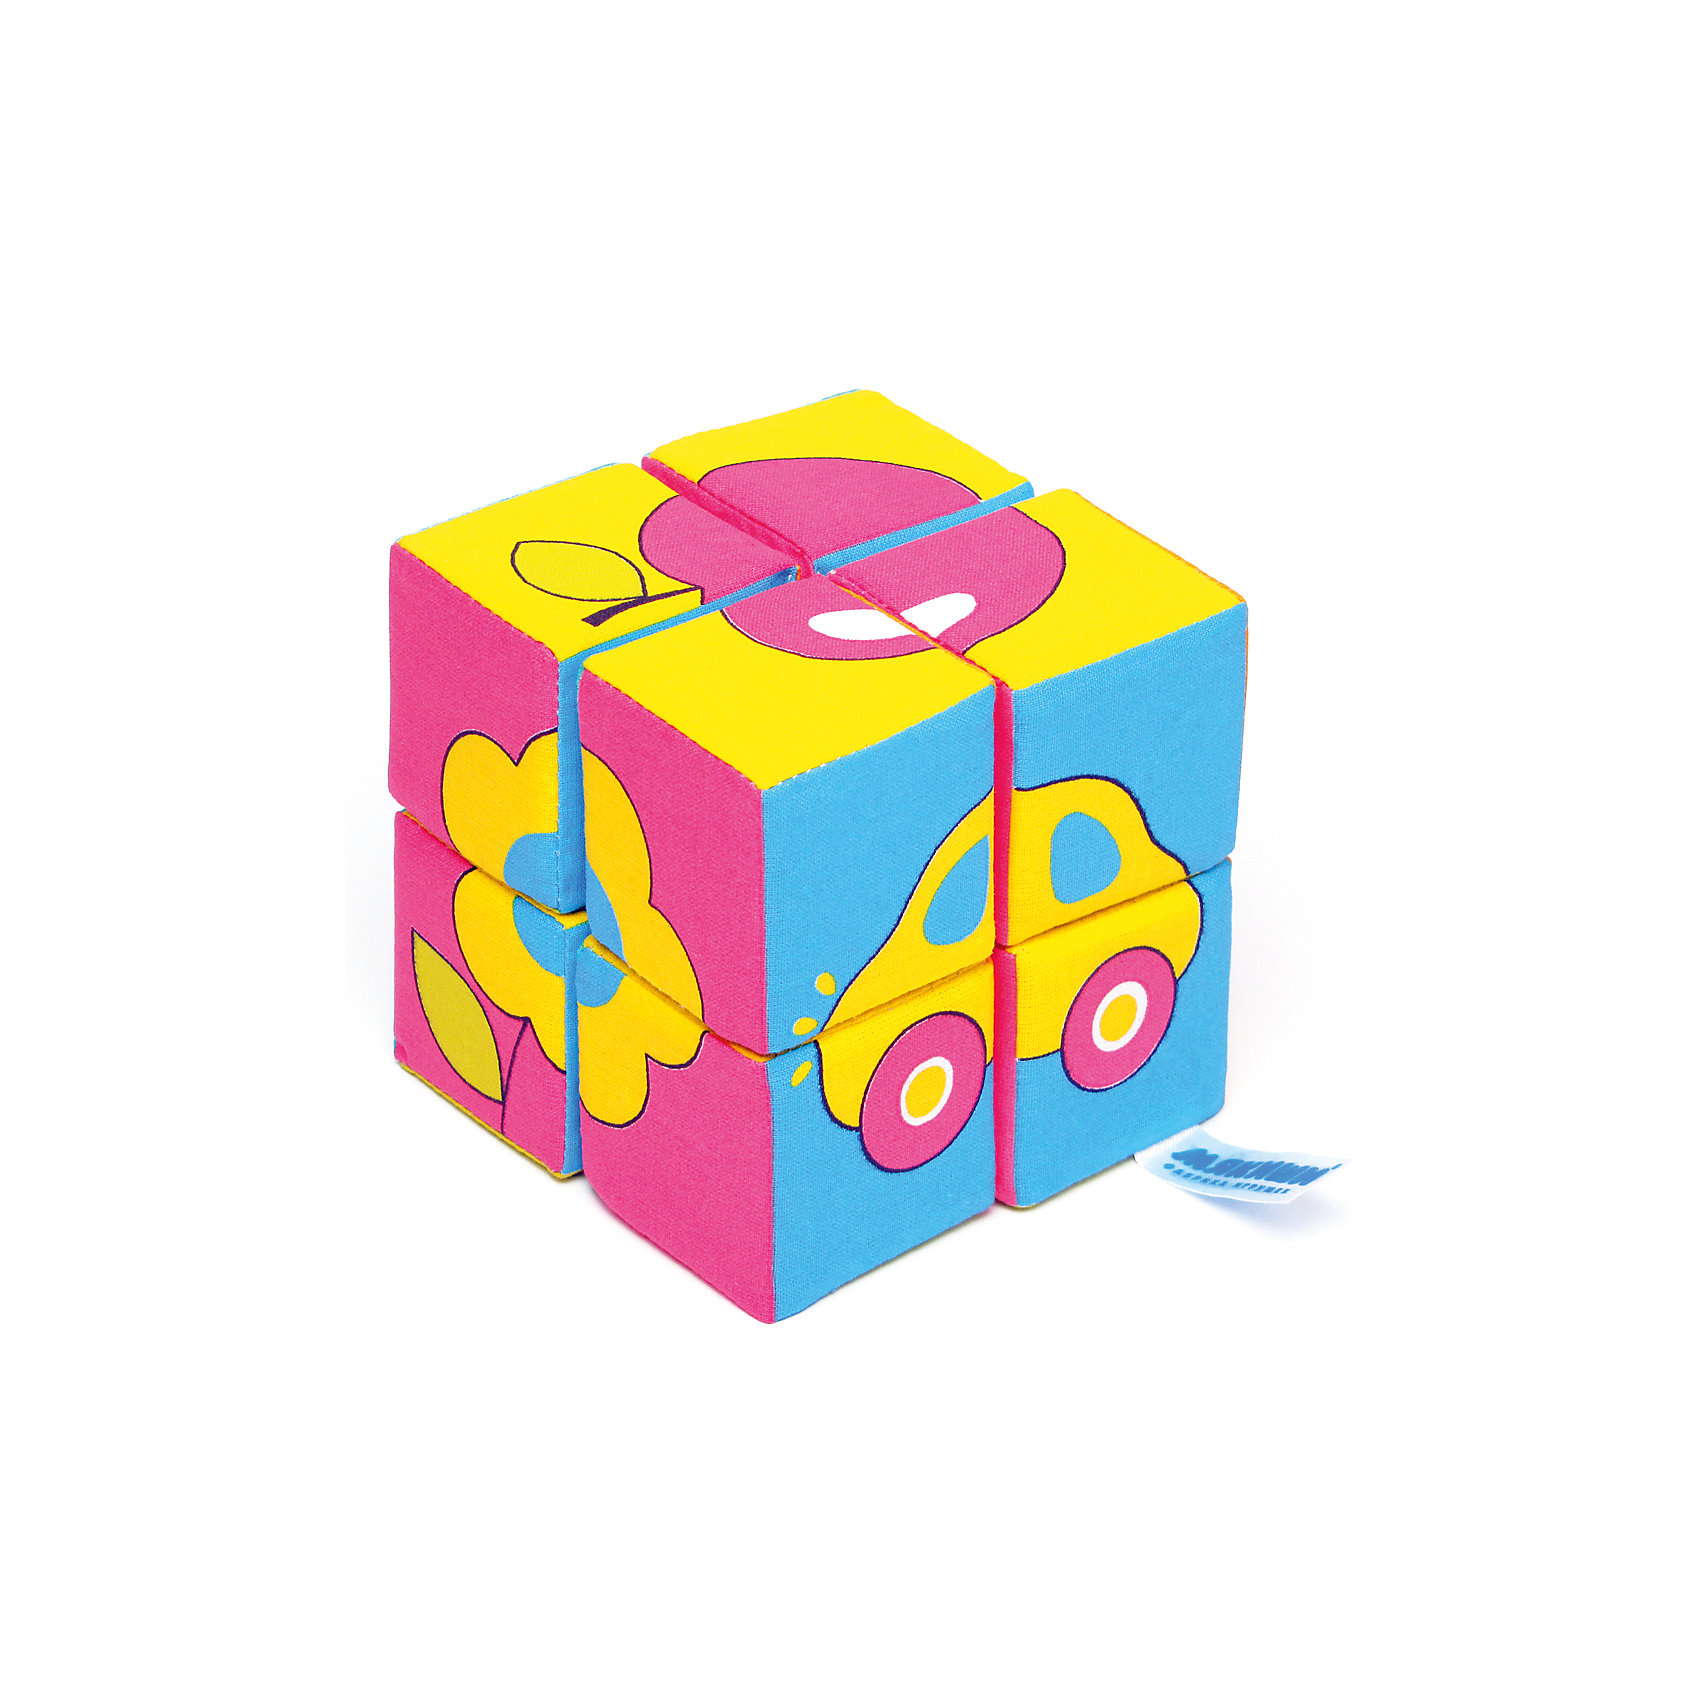 Кубики Собираем картину - предметы, МякишиИгрушки для малышей<br>Характеристики товара:<br><br>• материал: хлопок, поролон<br>• комплектация: 8 шт<br>• размер игрушки: 5 см<br>• можно собрать шесть картинок<br>• развивающая игрушка<br>• упаковка: картон<br>• страна бренда: РФ<br>• страна изготовитель: РФ<br><br>Малыши активно познают мир и тянутся к новой информации. Чтобы сделать процесс изучения окружающего пространства интереснее, ребенку можно подарить развивающие игрушки. В процессе игры информация усваивается намного лучше!<br>Такие кубики помогут занять малыша, играть ими приятно и весело. Одновременно они позволят познакомиться со многими цветами, фактурами, а также из них можно собрать шесть предметов. Такие игрушки развивают тактильные ощущения, моторику, цветовосприятие, логику, воображение, учат фокусировать внимание. Каждое изделие абсолютно безопасно – оно создано из качественной ткани с мягким наполнителем. Игрушки производятся из качественных и проверенных материалов, которые безопасны для детей.<br><br>Кубики Собери картинку - предметы от бренда Мякиши можно купить в нашем интернет-магазине.<br><br>Ширина мм: 155<br>Глубина мм: 180<br>Высота мм: 100<br>Вес г: 80<br>Возраст от месяцев: 12<br>Возраст до месяцев: 36<br>Пол: Унисекс<br>Возраст: Детский<br>SKU: 5183225